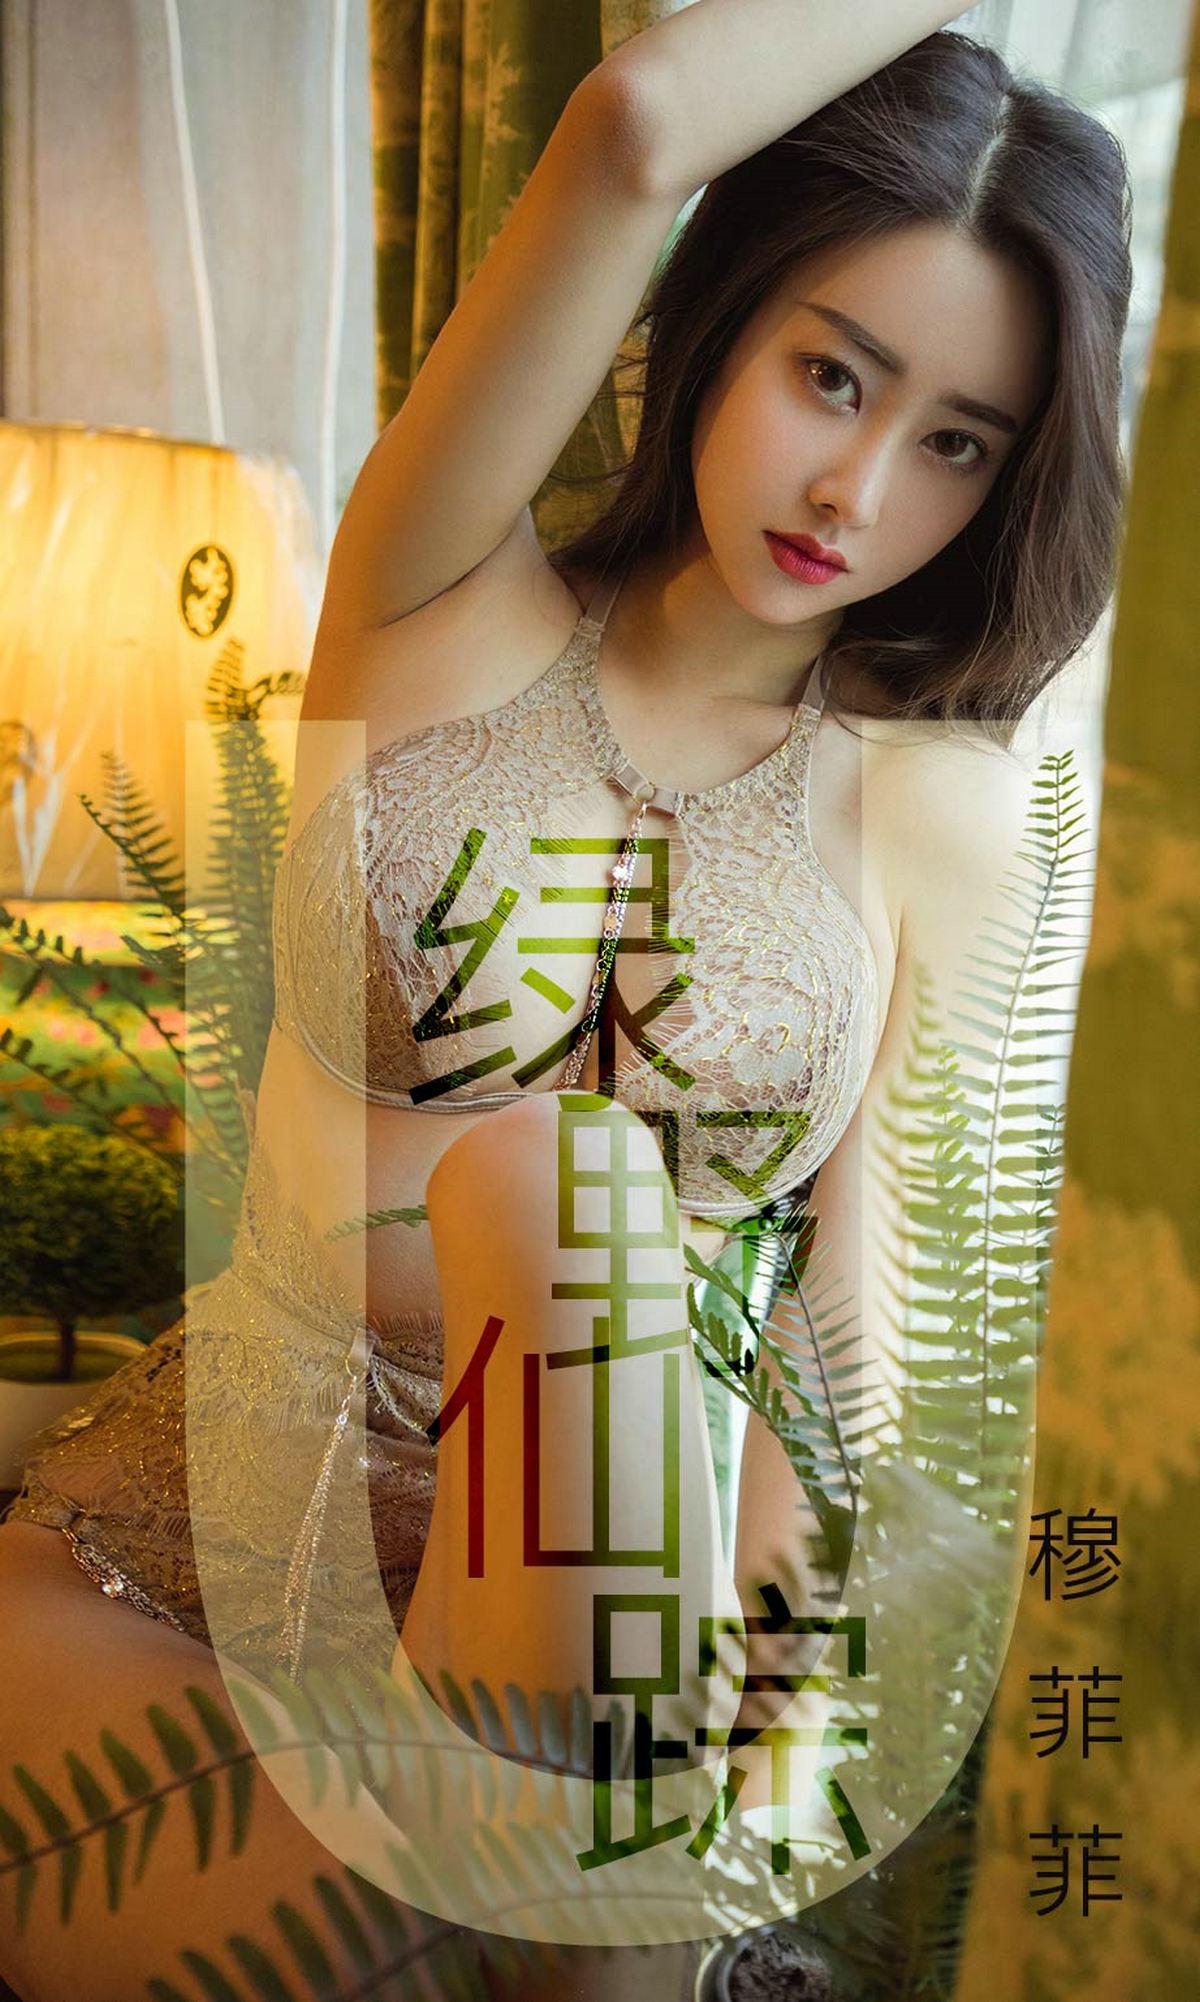 [Ugirls]爱尤物 No.1412 绿野仙踪 穆菲菲 [